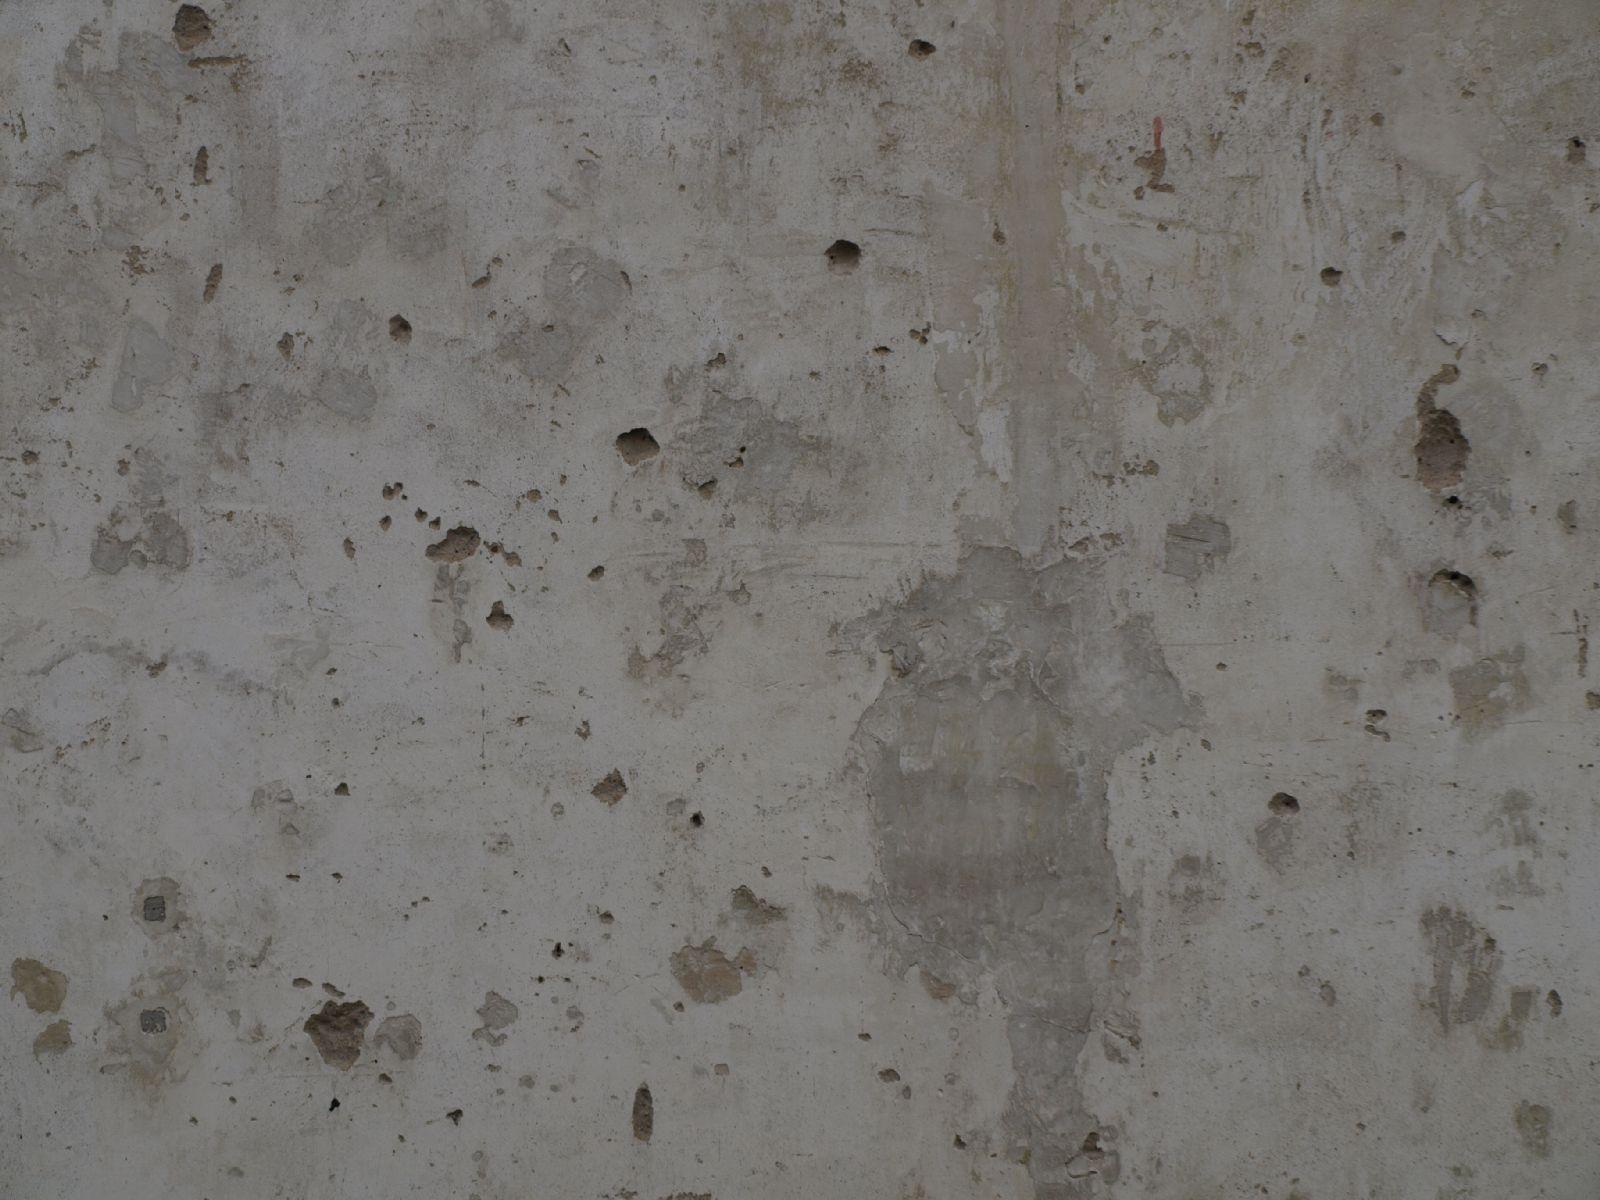 Grunge-Dreck_Textur_A_PB297060